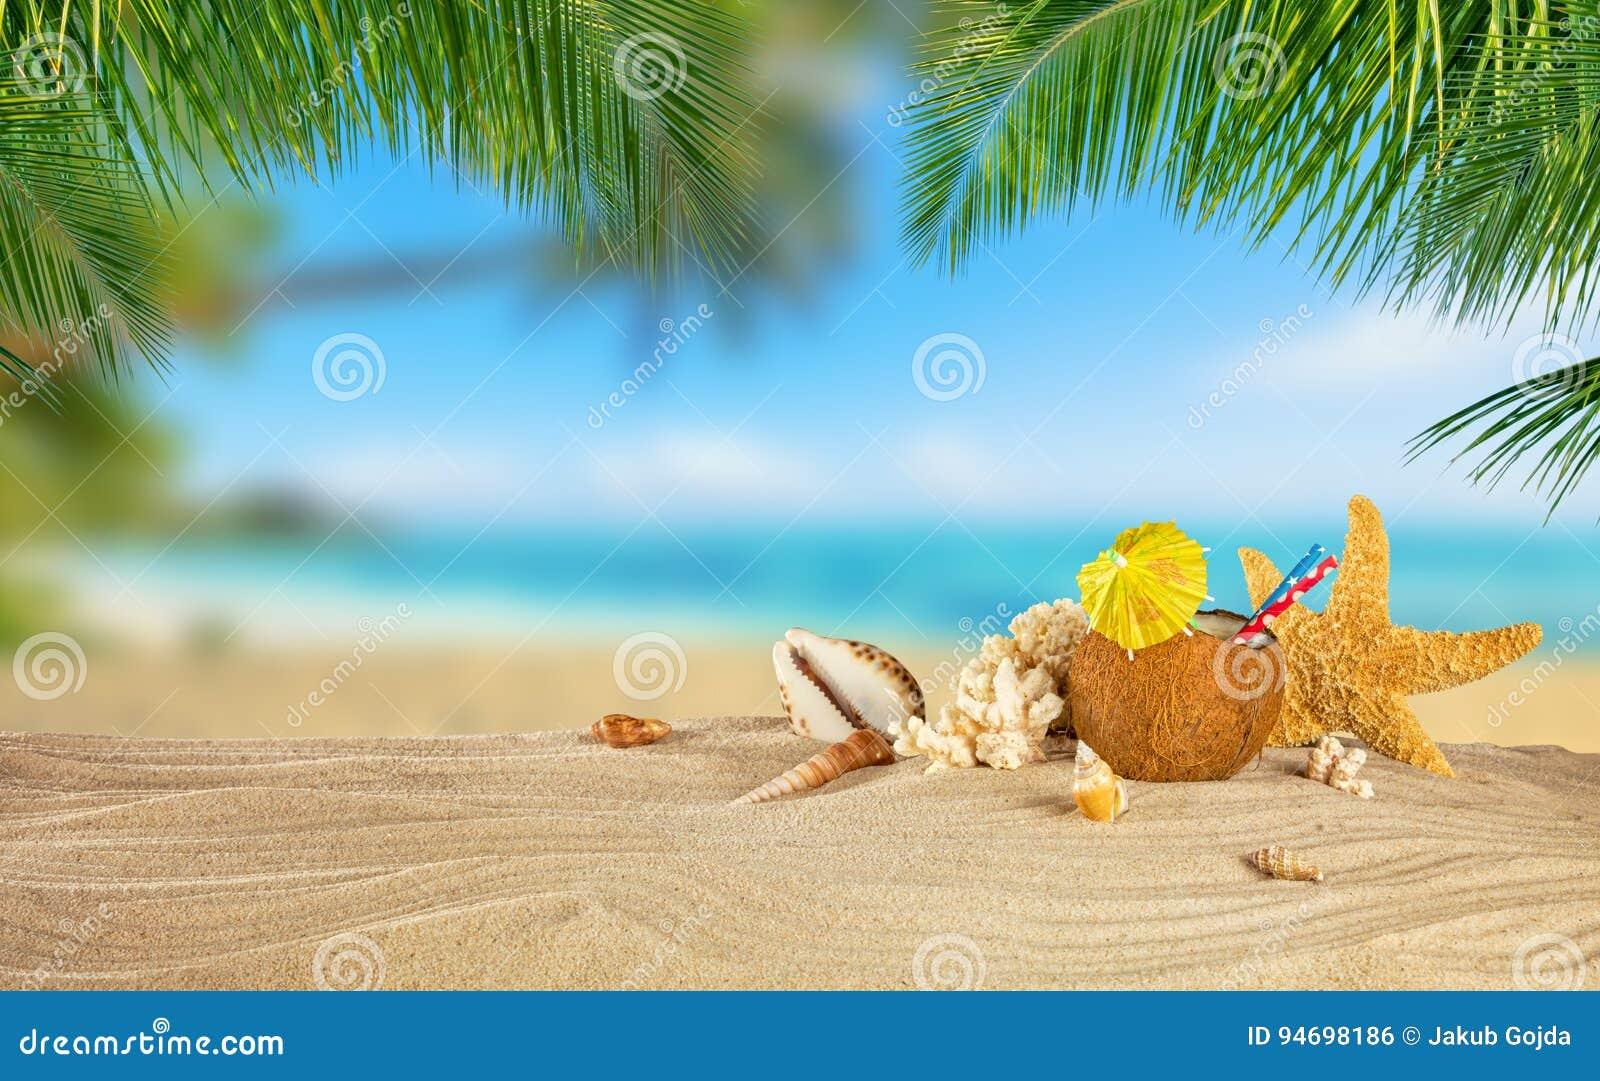 Tropisk strand med kokosnötdrinken på sand, backgr för sommarferie